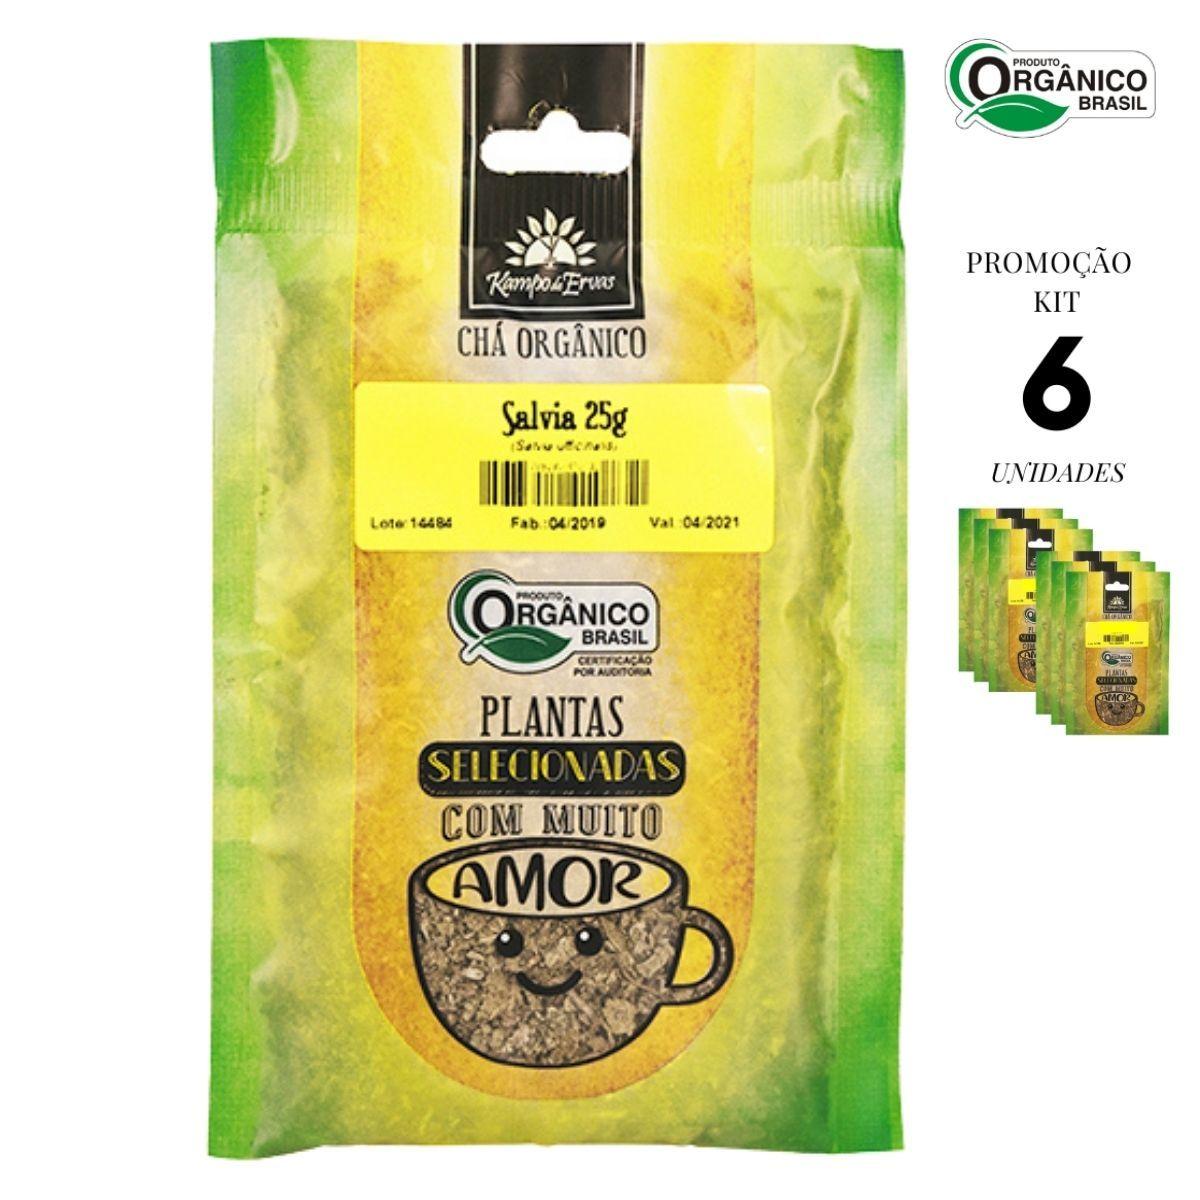 Sálvia Chá Orgânico só Folhas Kampo de Ervas 6 und 25g cada